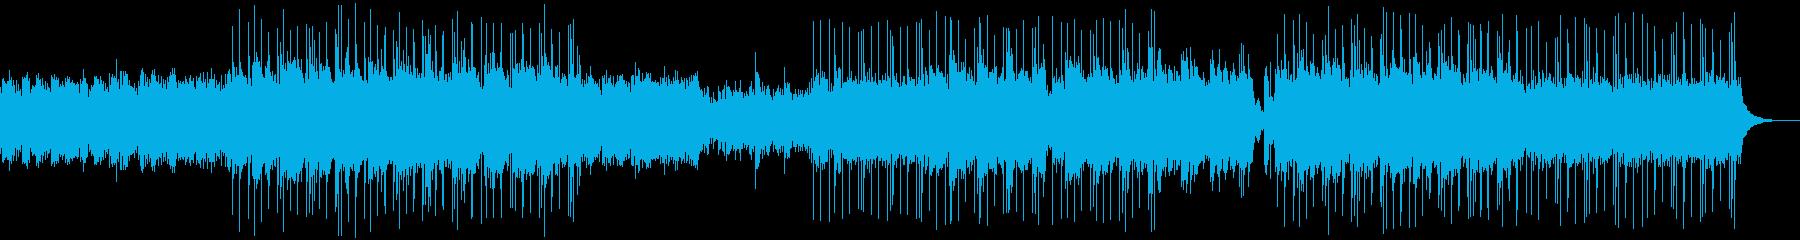 優しいヒーリング系アコギ、ピアノ楽曲の再生済みの波形